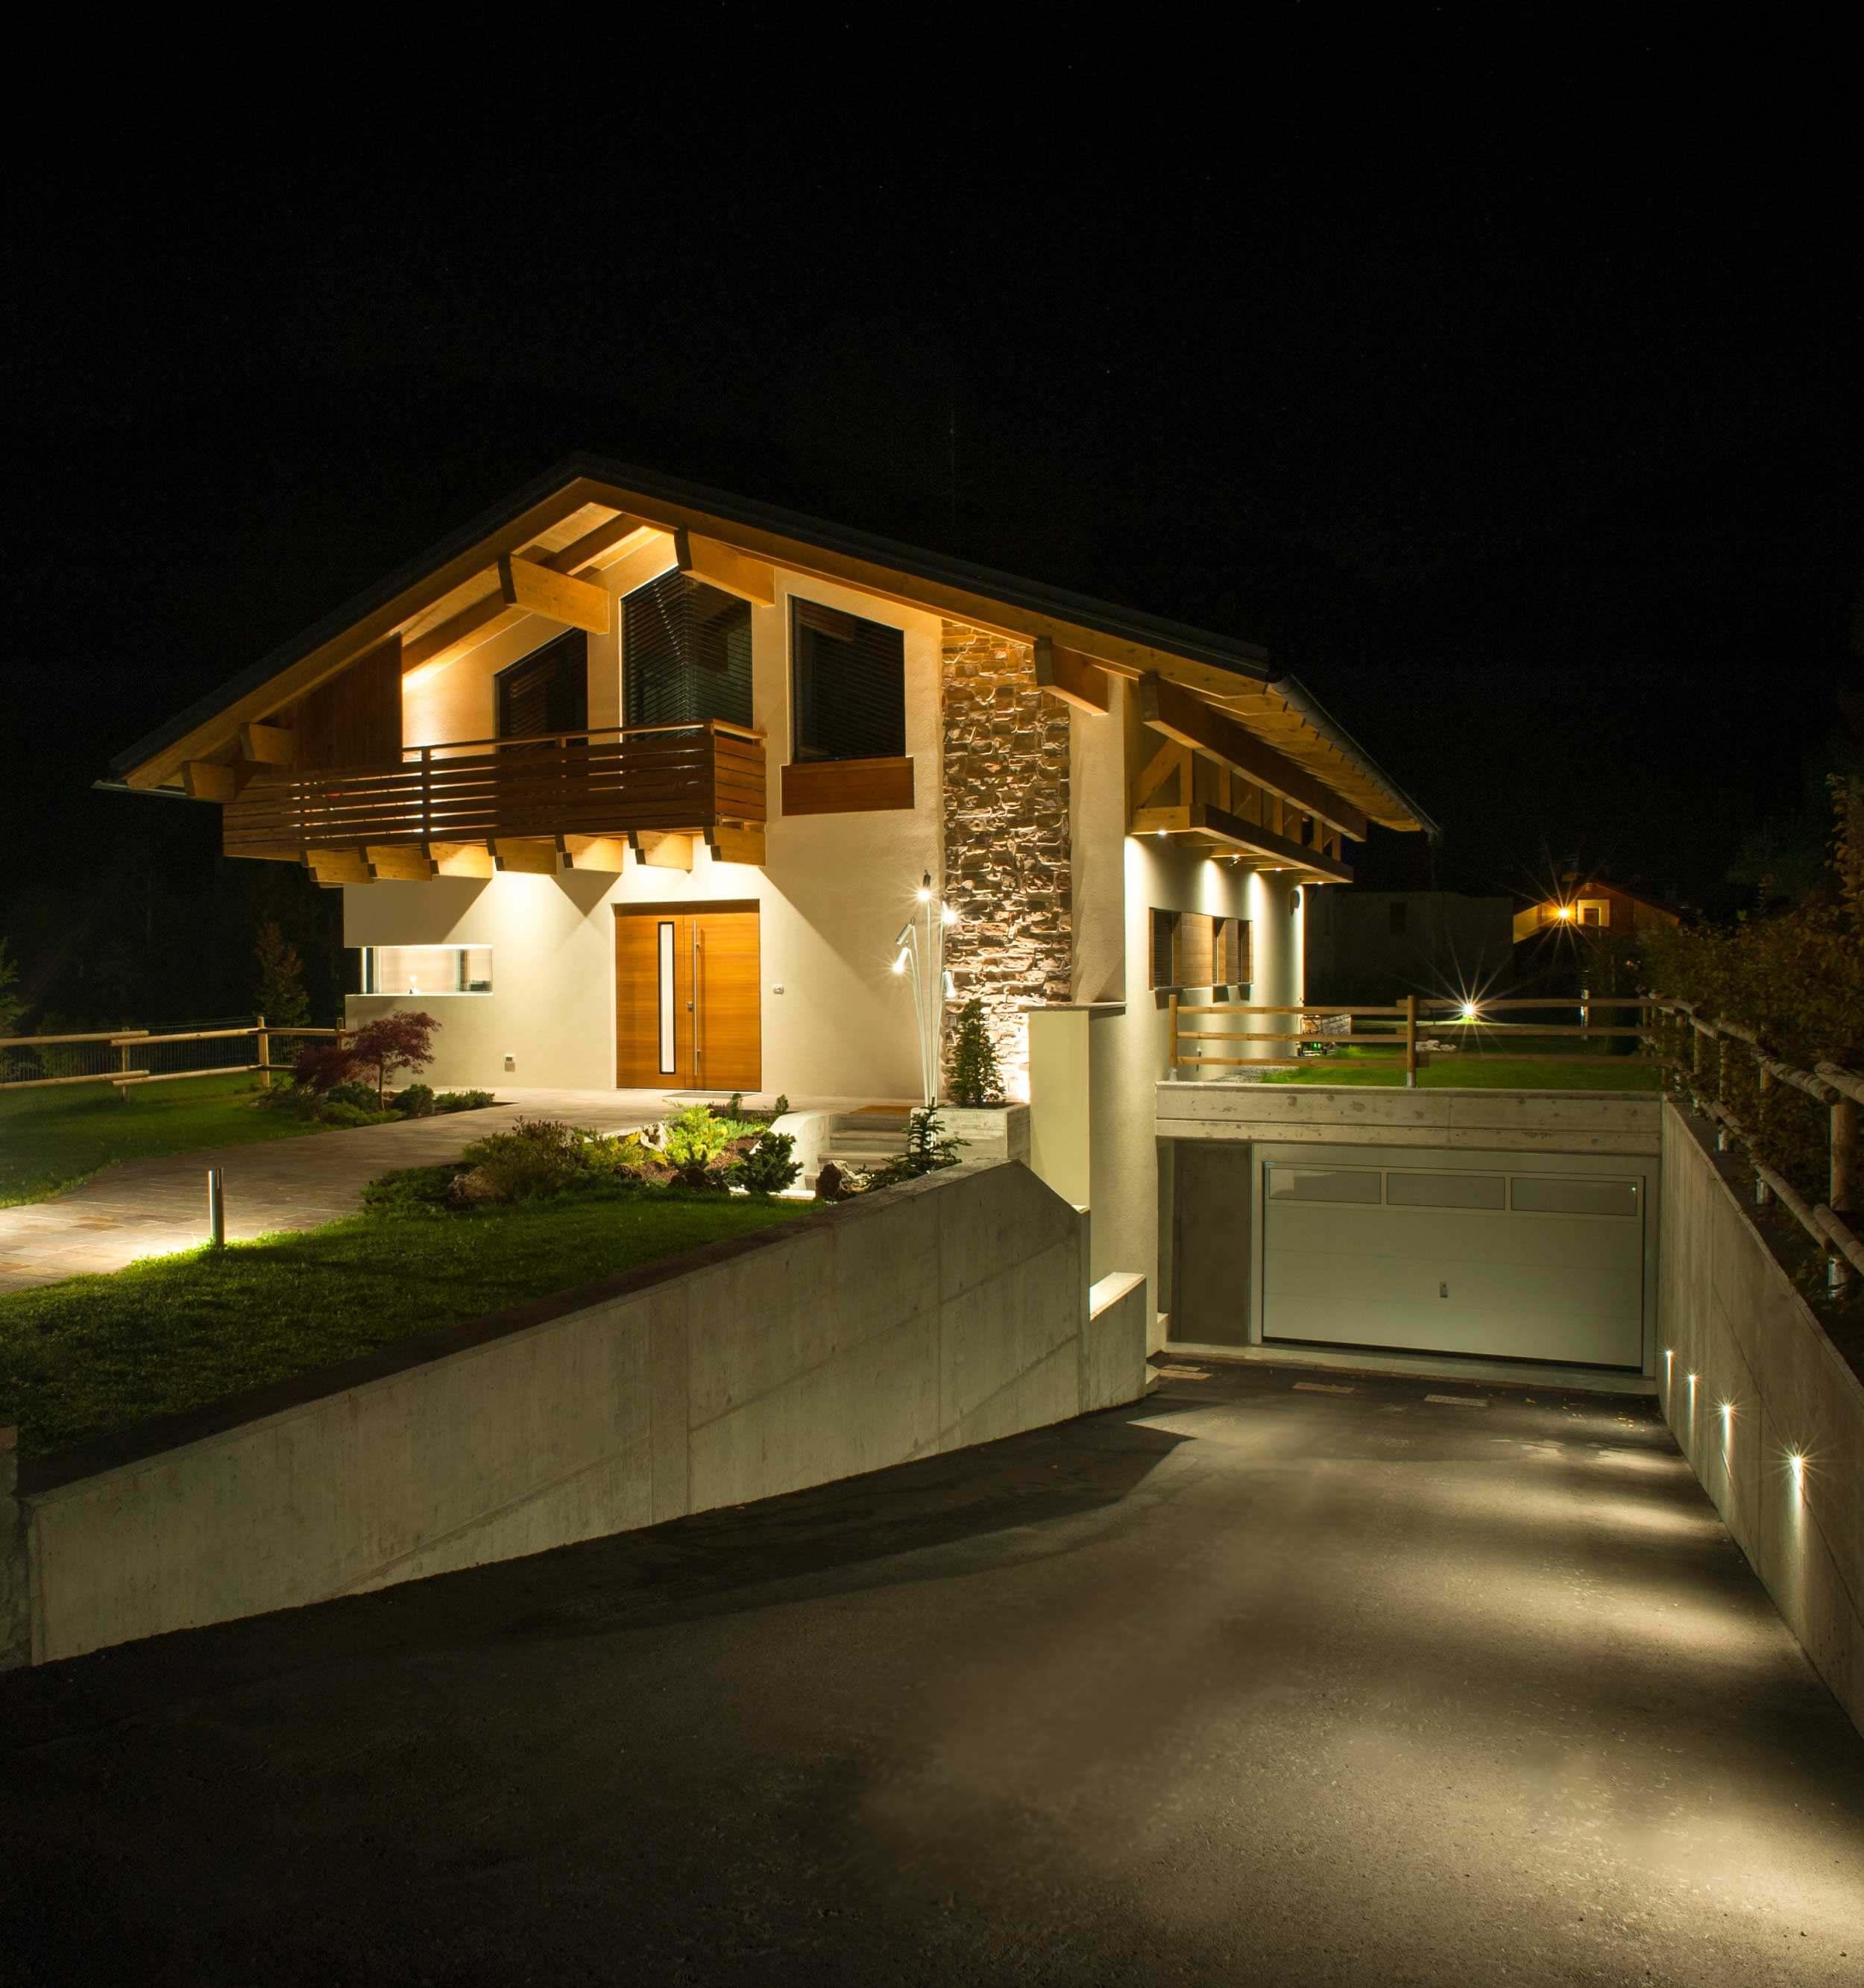 Illuminazione led esterni outdoor casa legno4ok brillamenti for Illuminazione led casa esterno